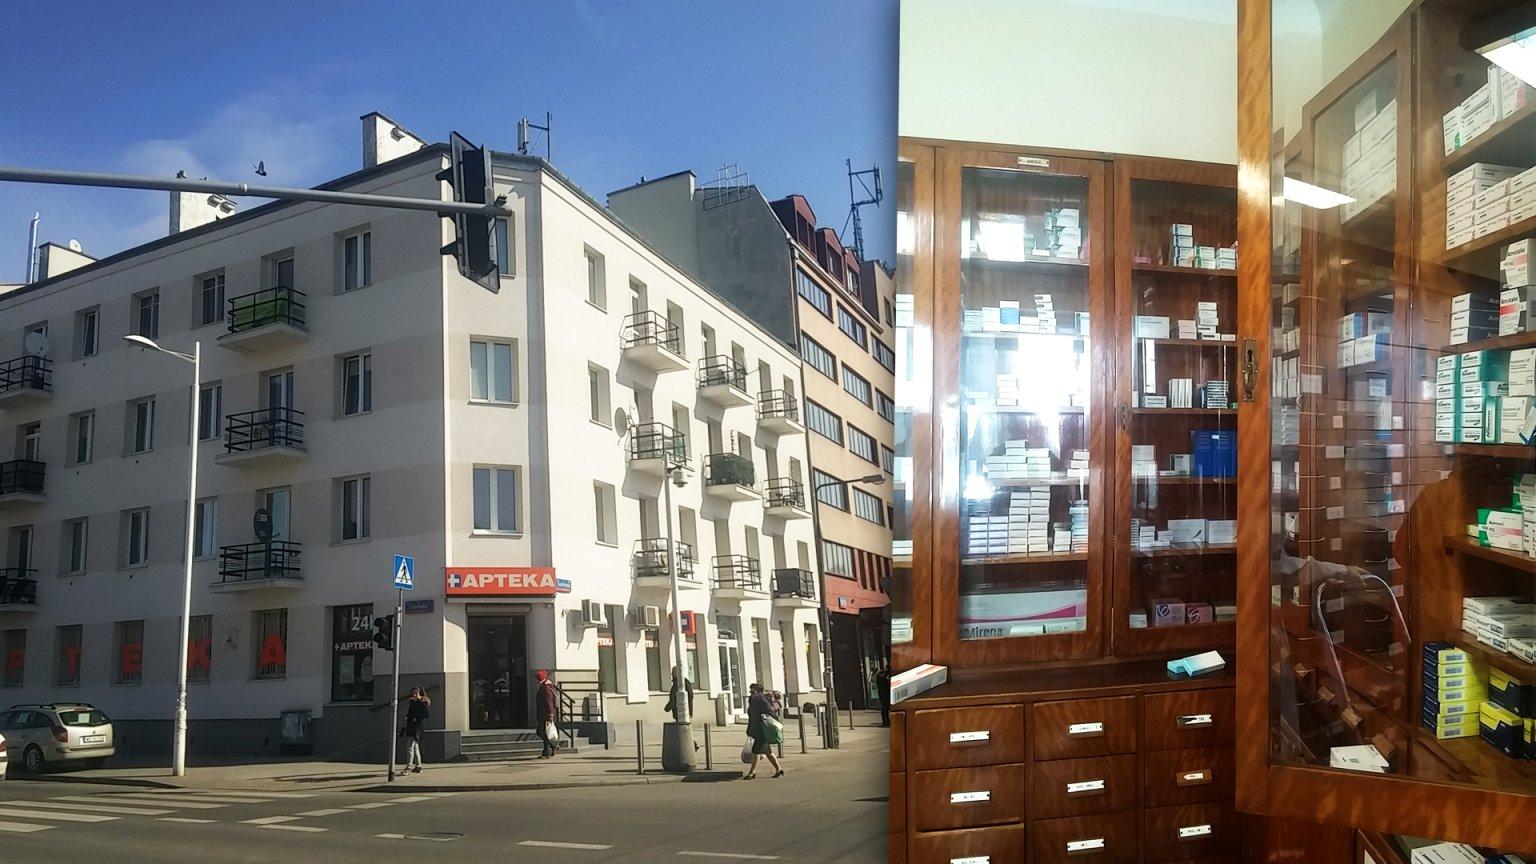 Gdzie jest najstarszy sklep w warszawie na woli a mo e na grochowie Sklepy designerskie warszawa